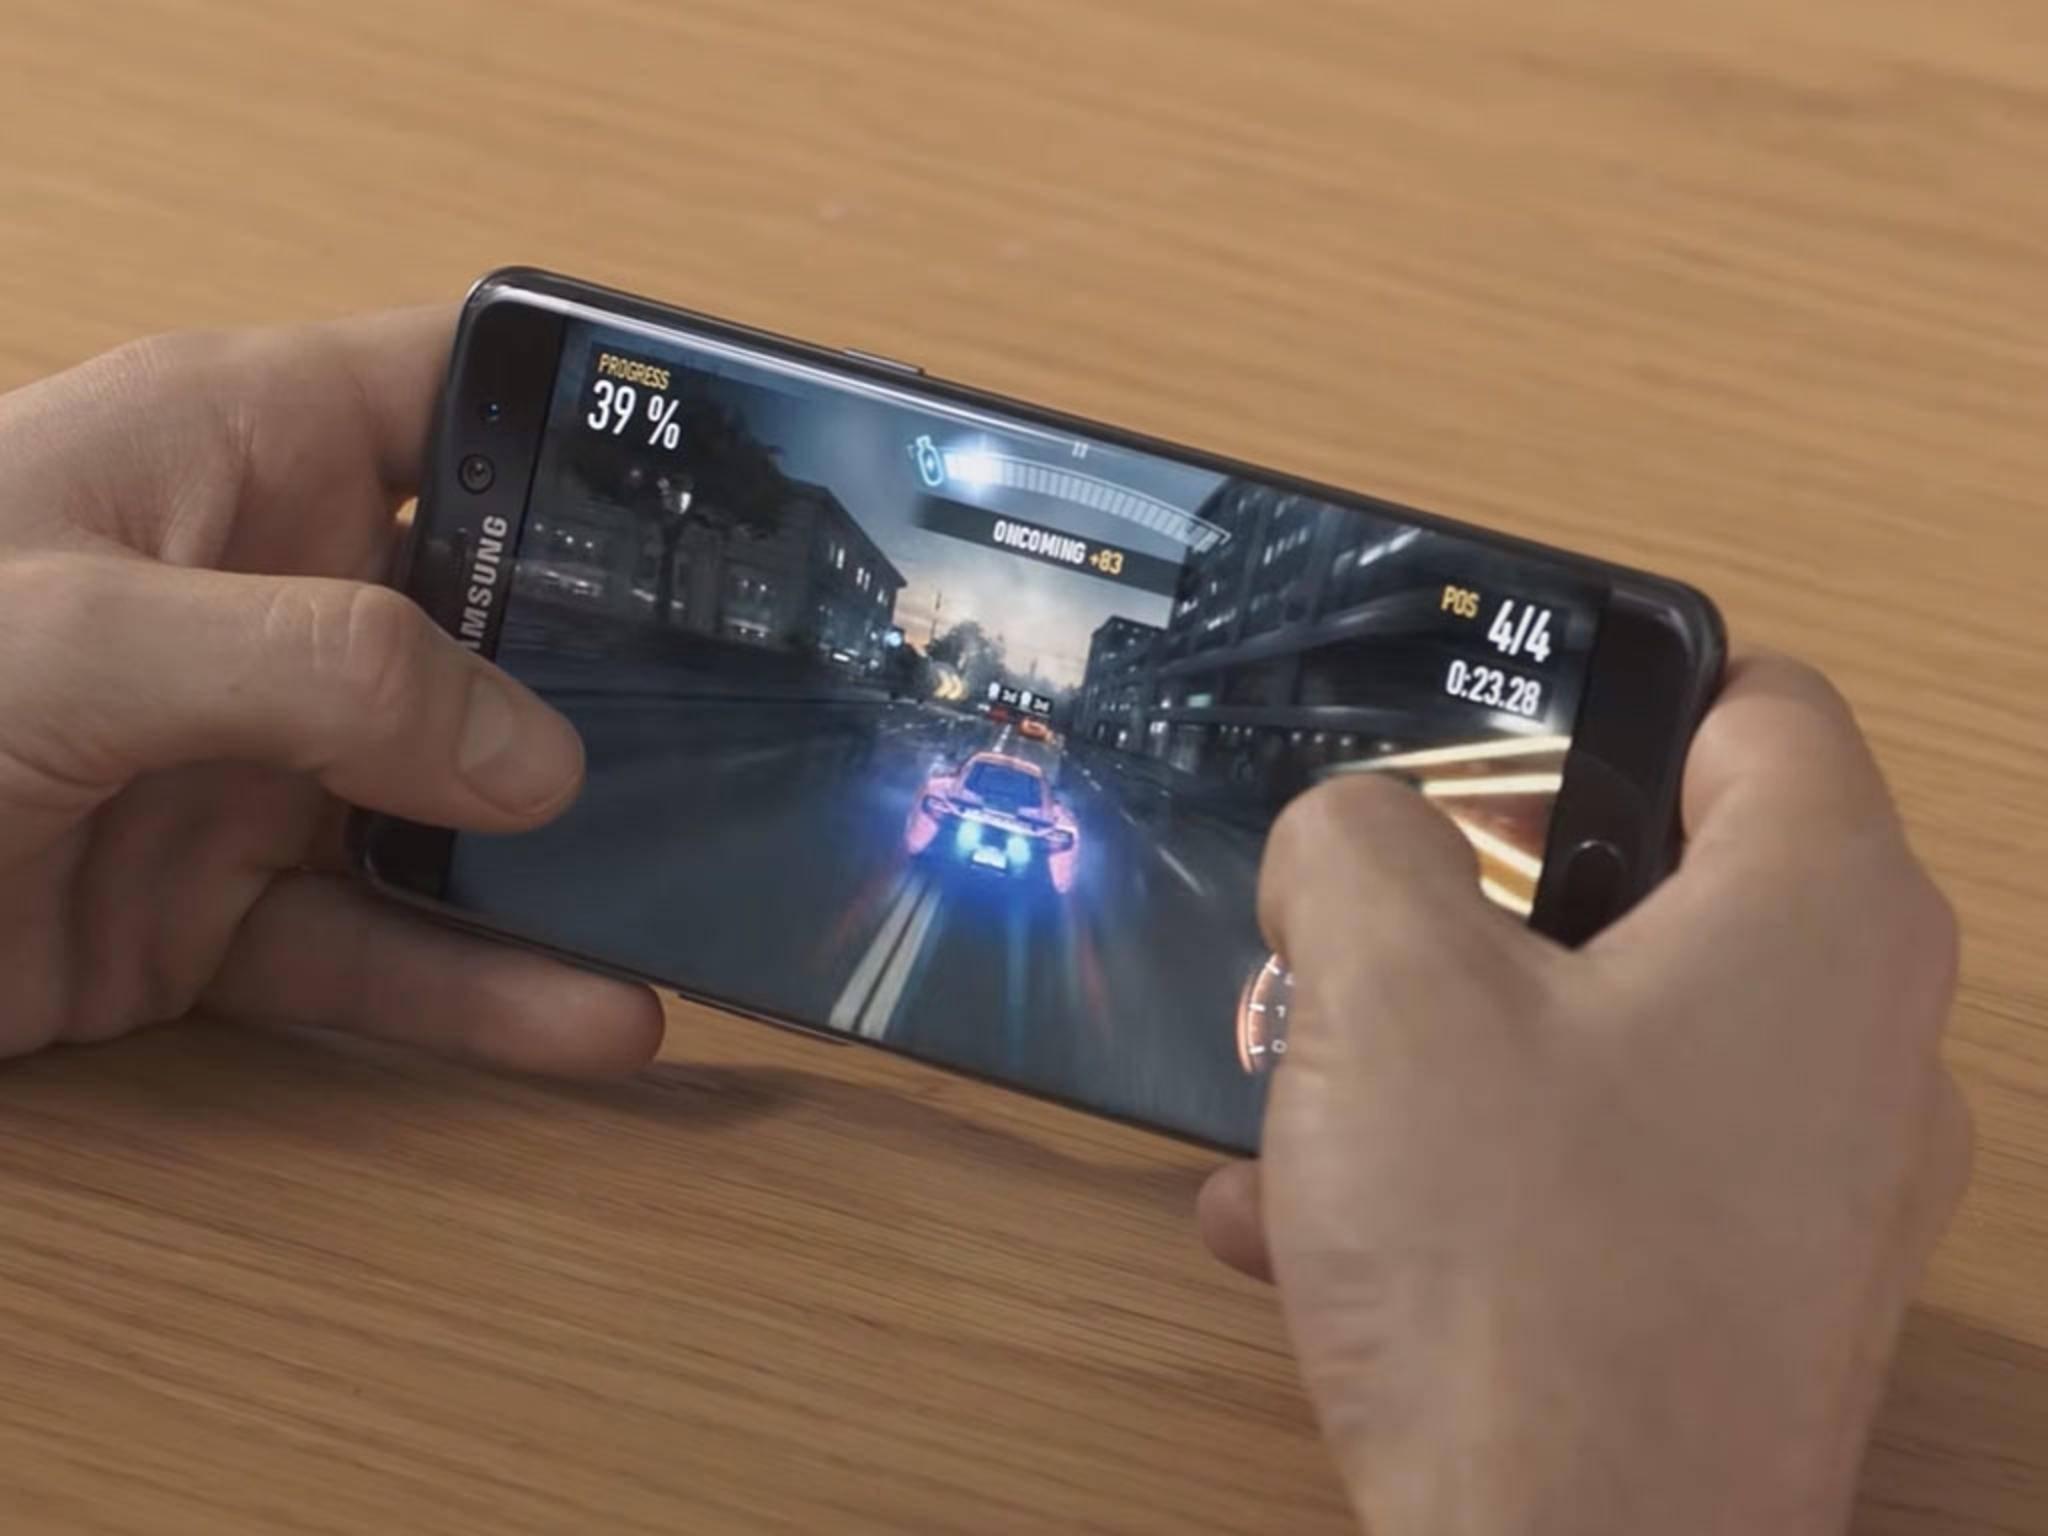 Das Galaxy Note 7 ist zum allgemeinen Spottobjekt geworden.